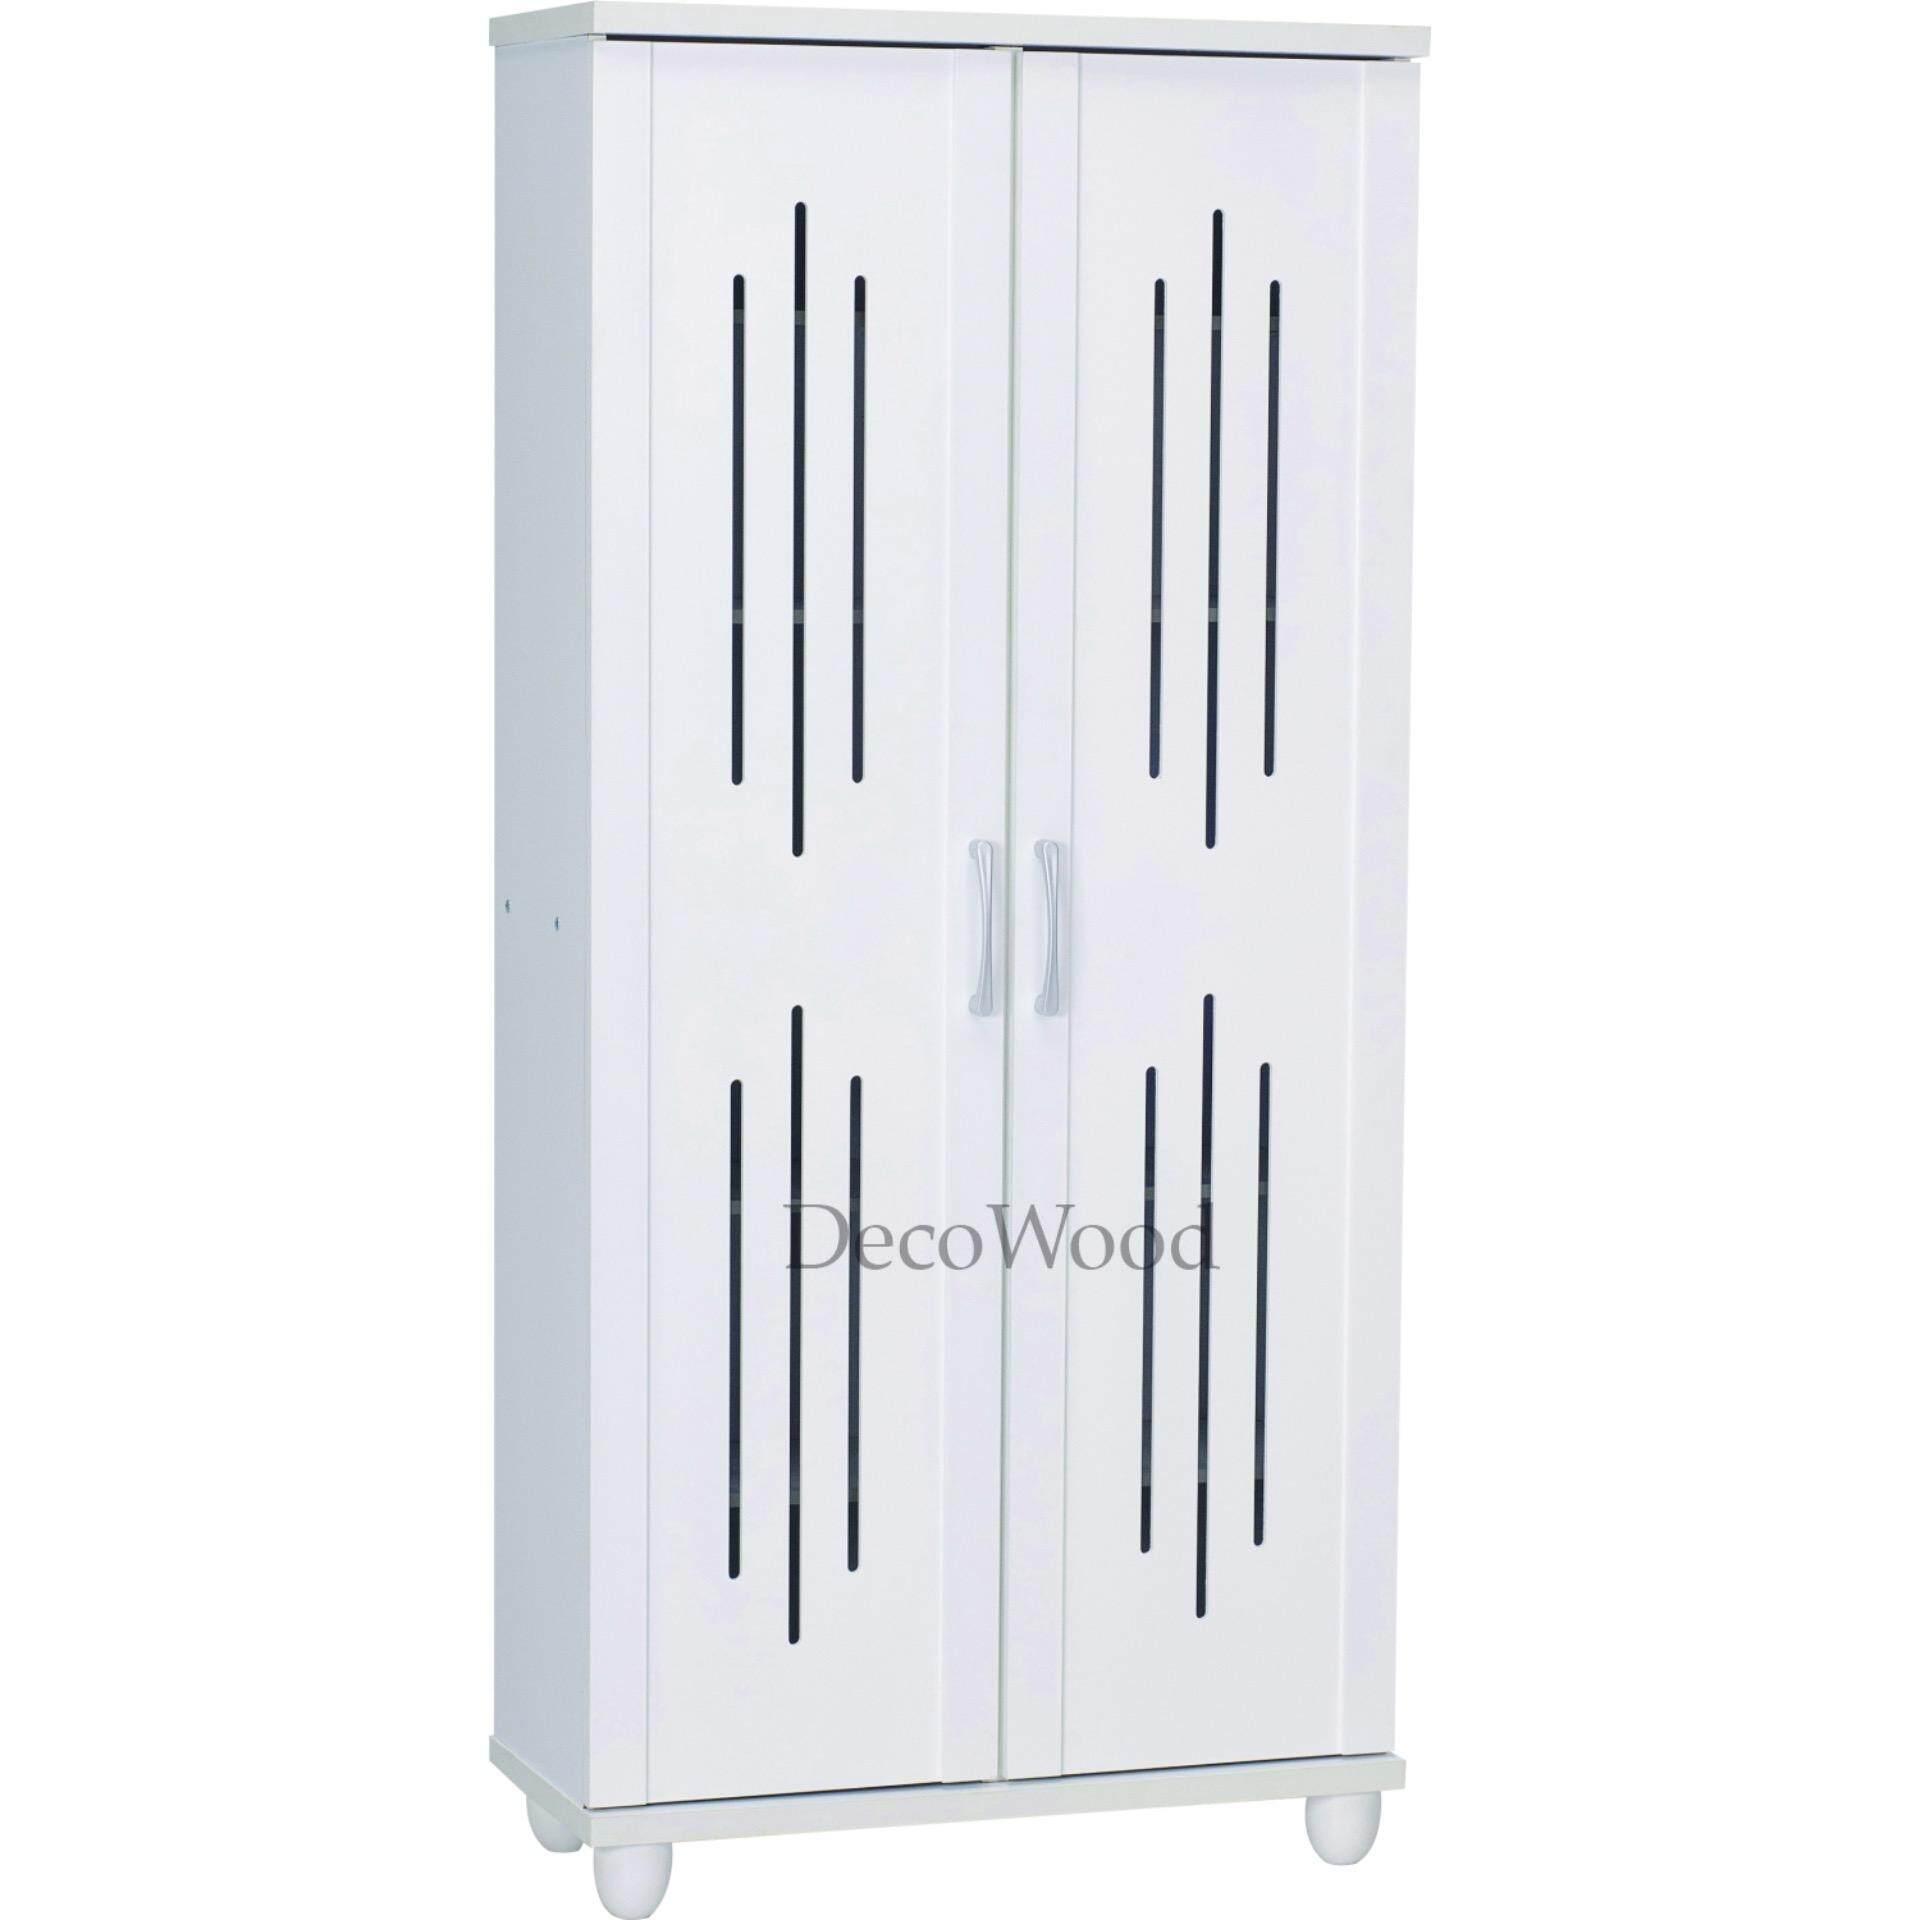 2 Door 6 Layer Solid Shoes Cabinet Shoes Rack Shoe Rack Rak Kasut Shoes Storage L750MM X W330MM X H1625MM